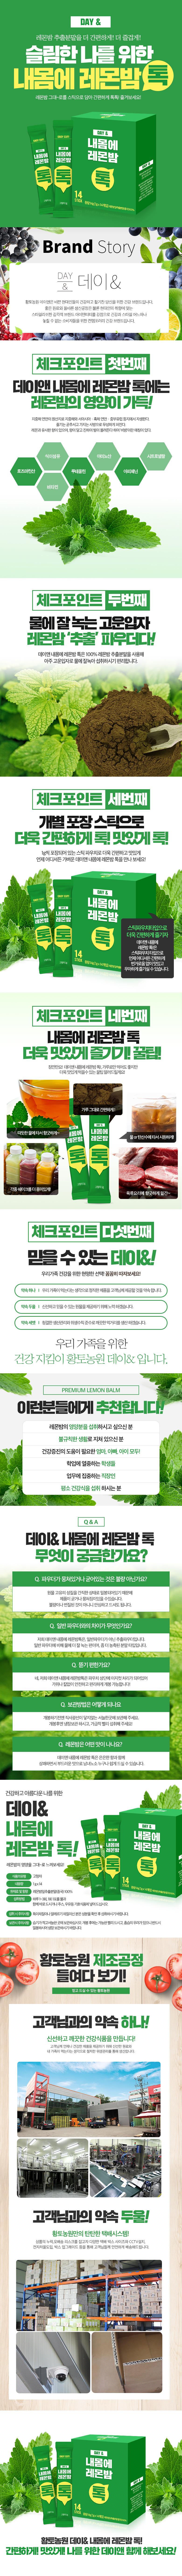 내몸에 레몬밤스틱분말 5박스 - 황토농원, 9,900원, 차, 우롱차/전통차/한방차